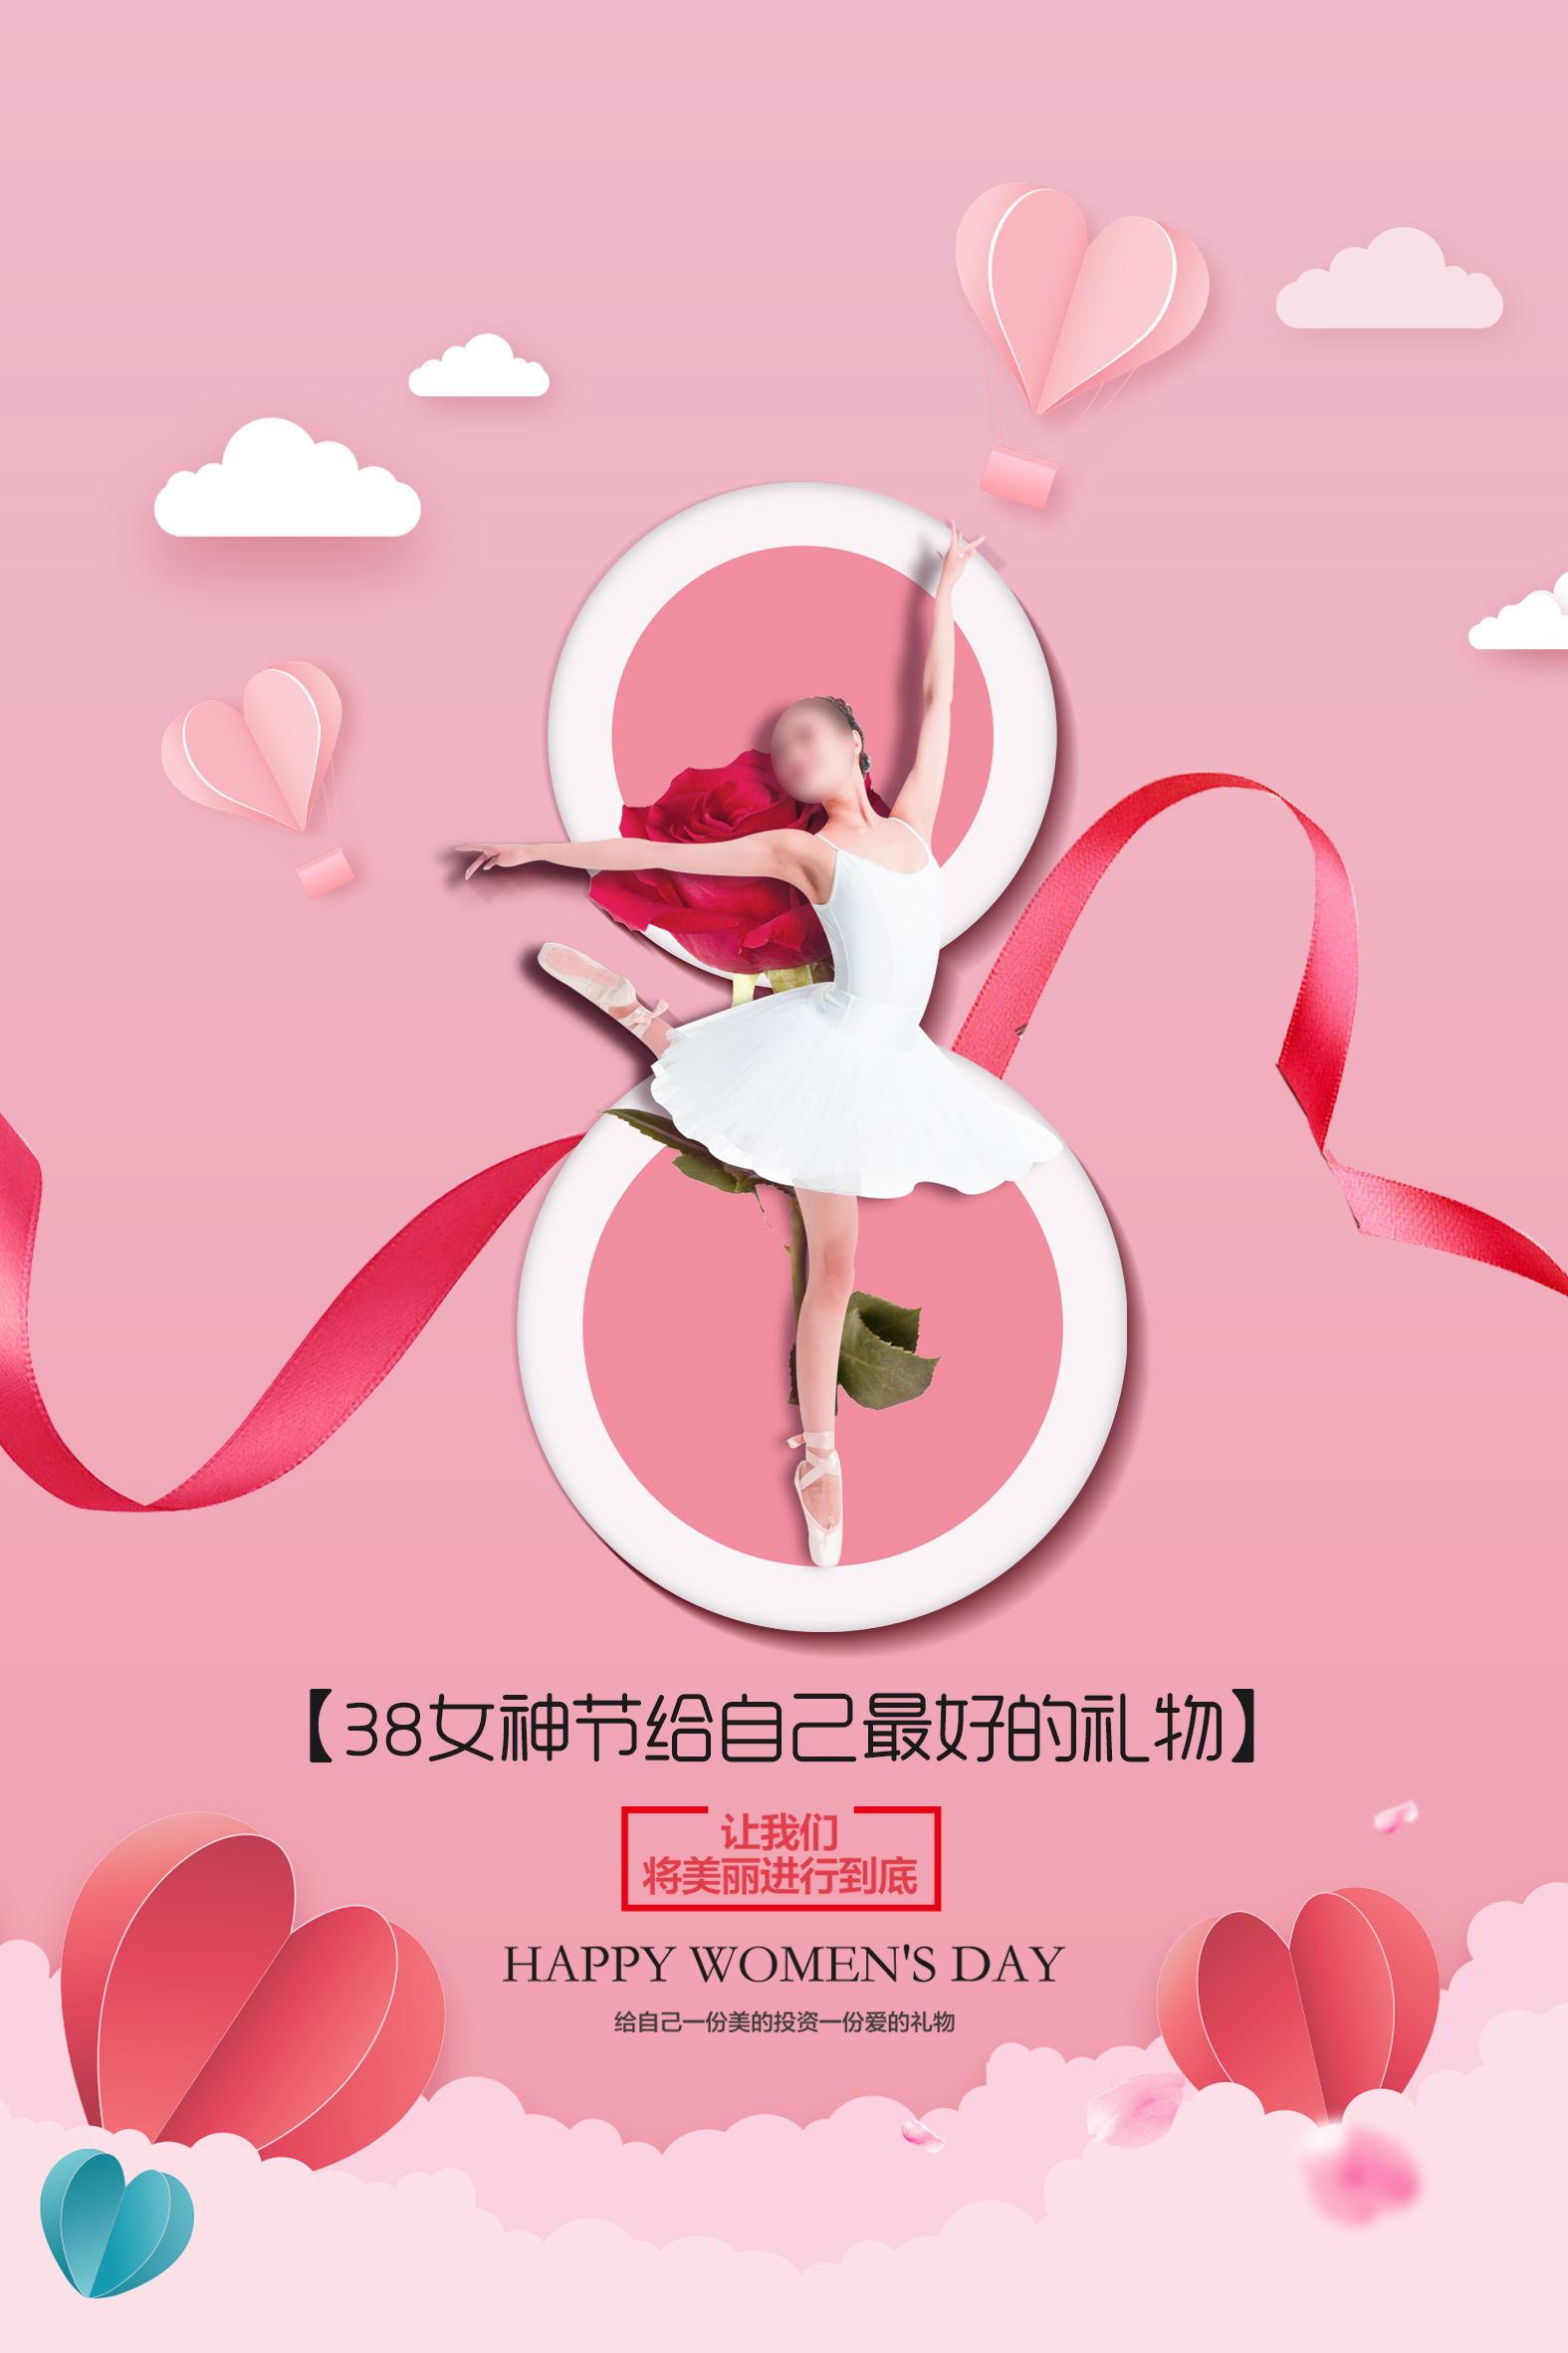 粉色系列三八妇女节38女神节 促销 表白海报模板插图1